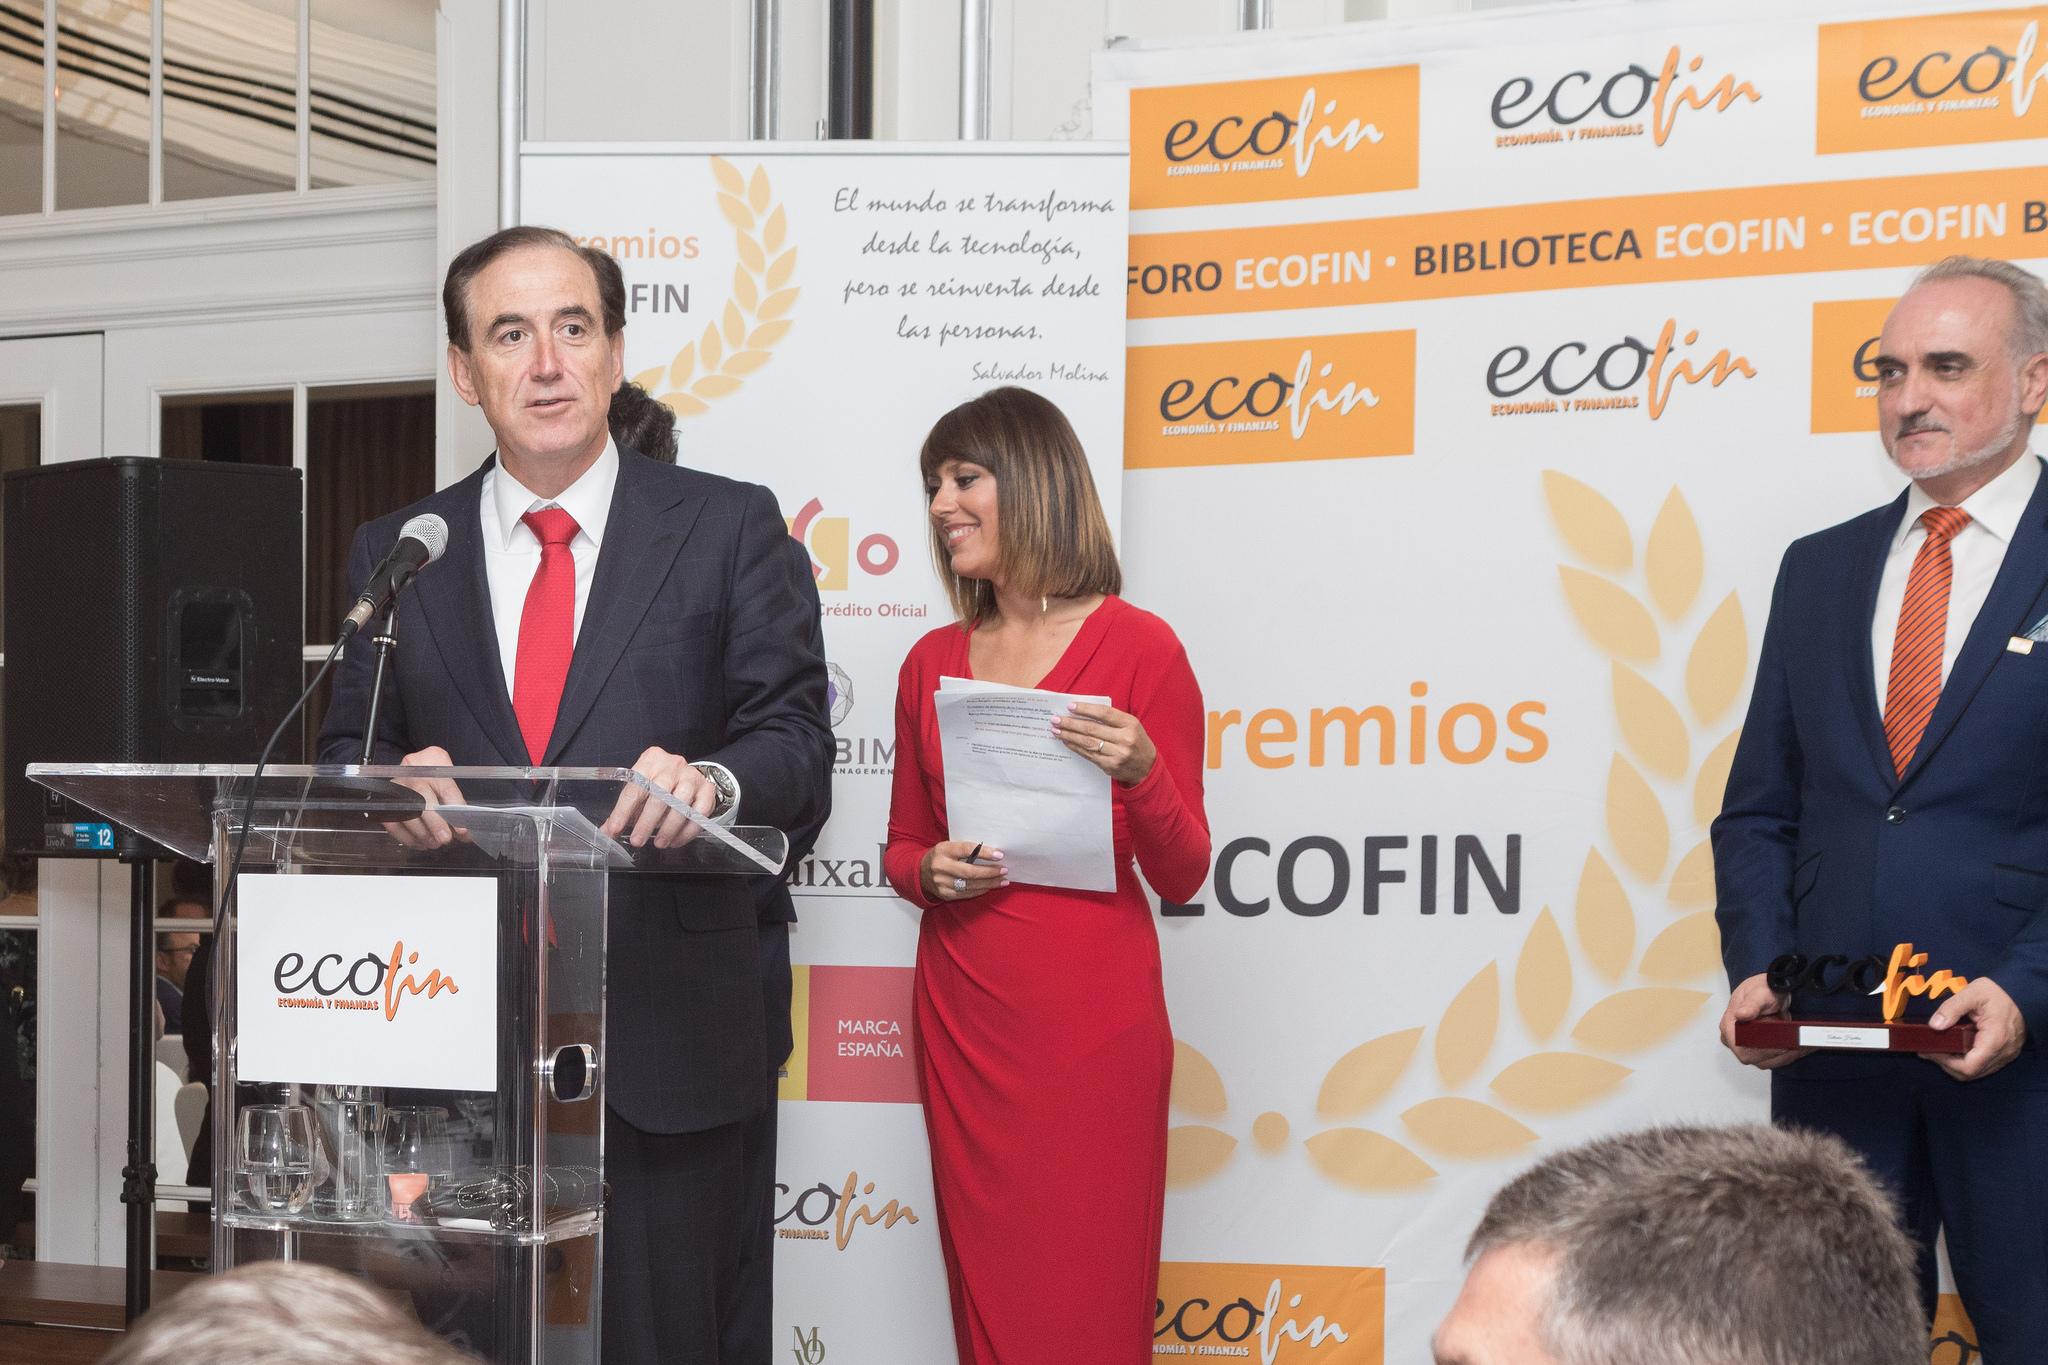 Antonio Huertas durante su discurso en La Noche de las Finanzas (Fotografía: Laura Bonachea)